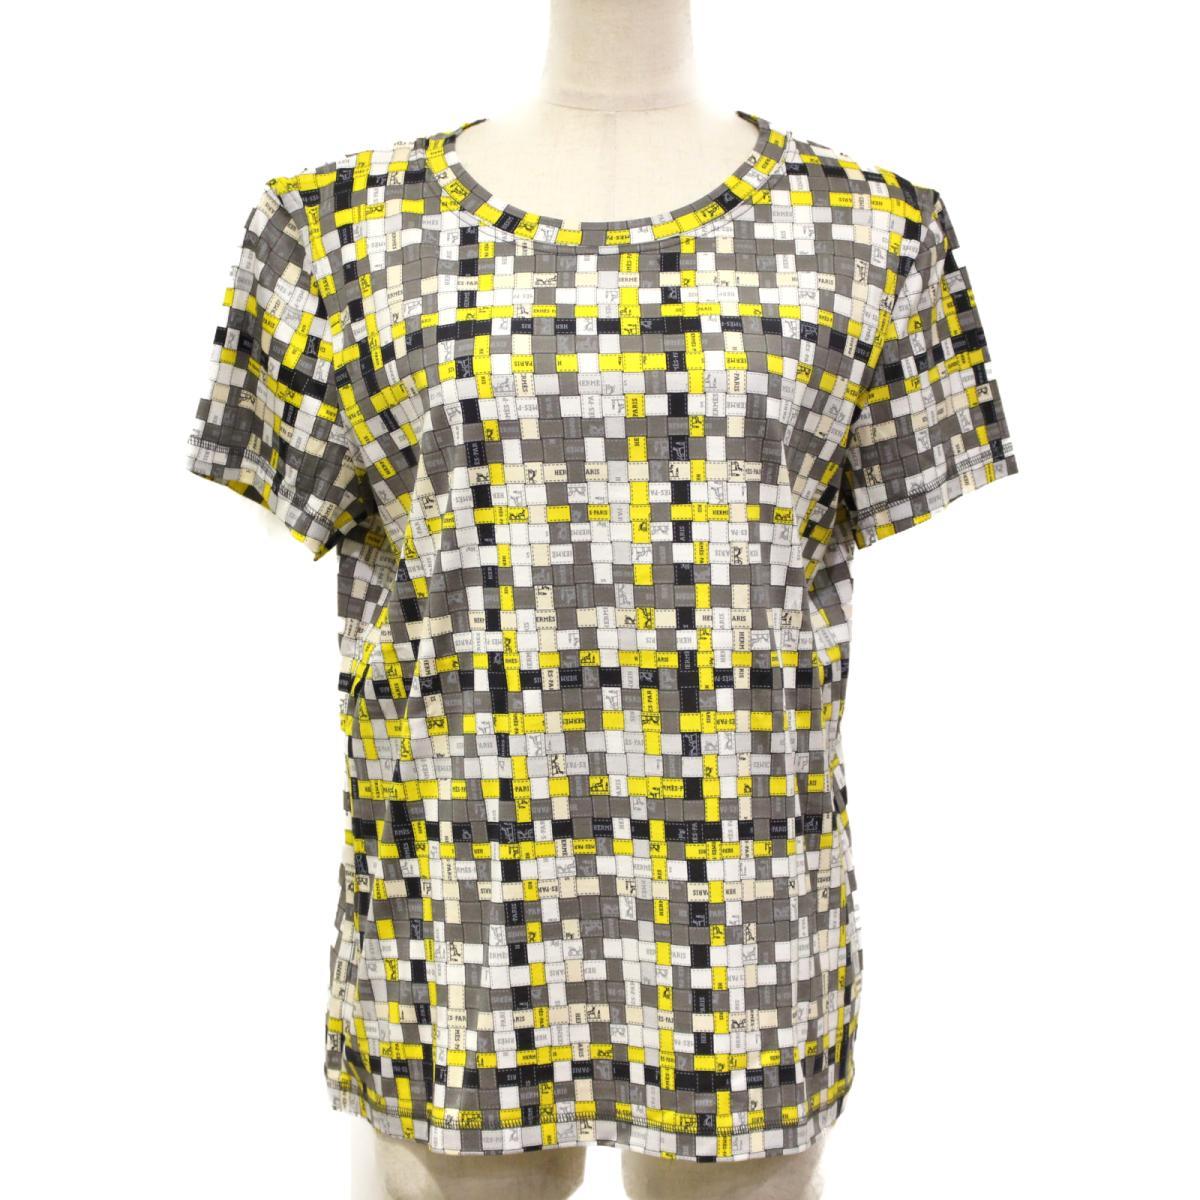 【中古】エルメス Tシャツ レディース コットン イエロー グレー ホワイト | ALEXANDER WANG BRANDOFF ブランドオフ 衣料品 衣類 ブランド トップス シャツ カットソー